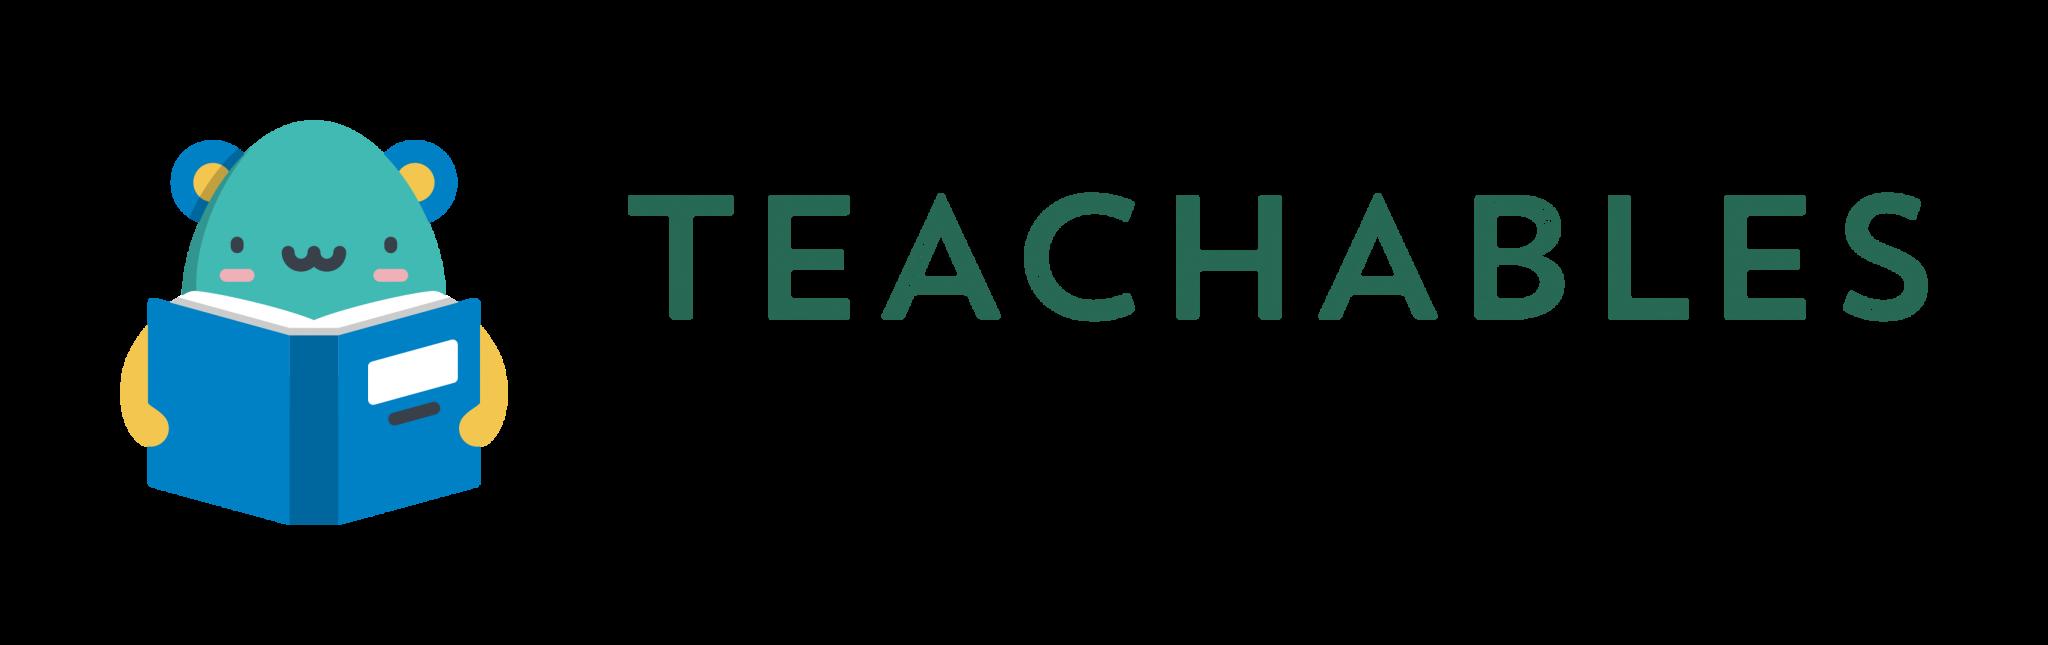 Teachable Nova Transparent logo